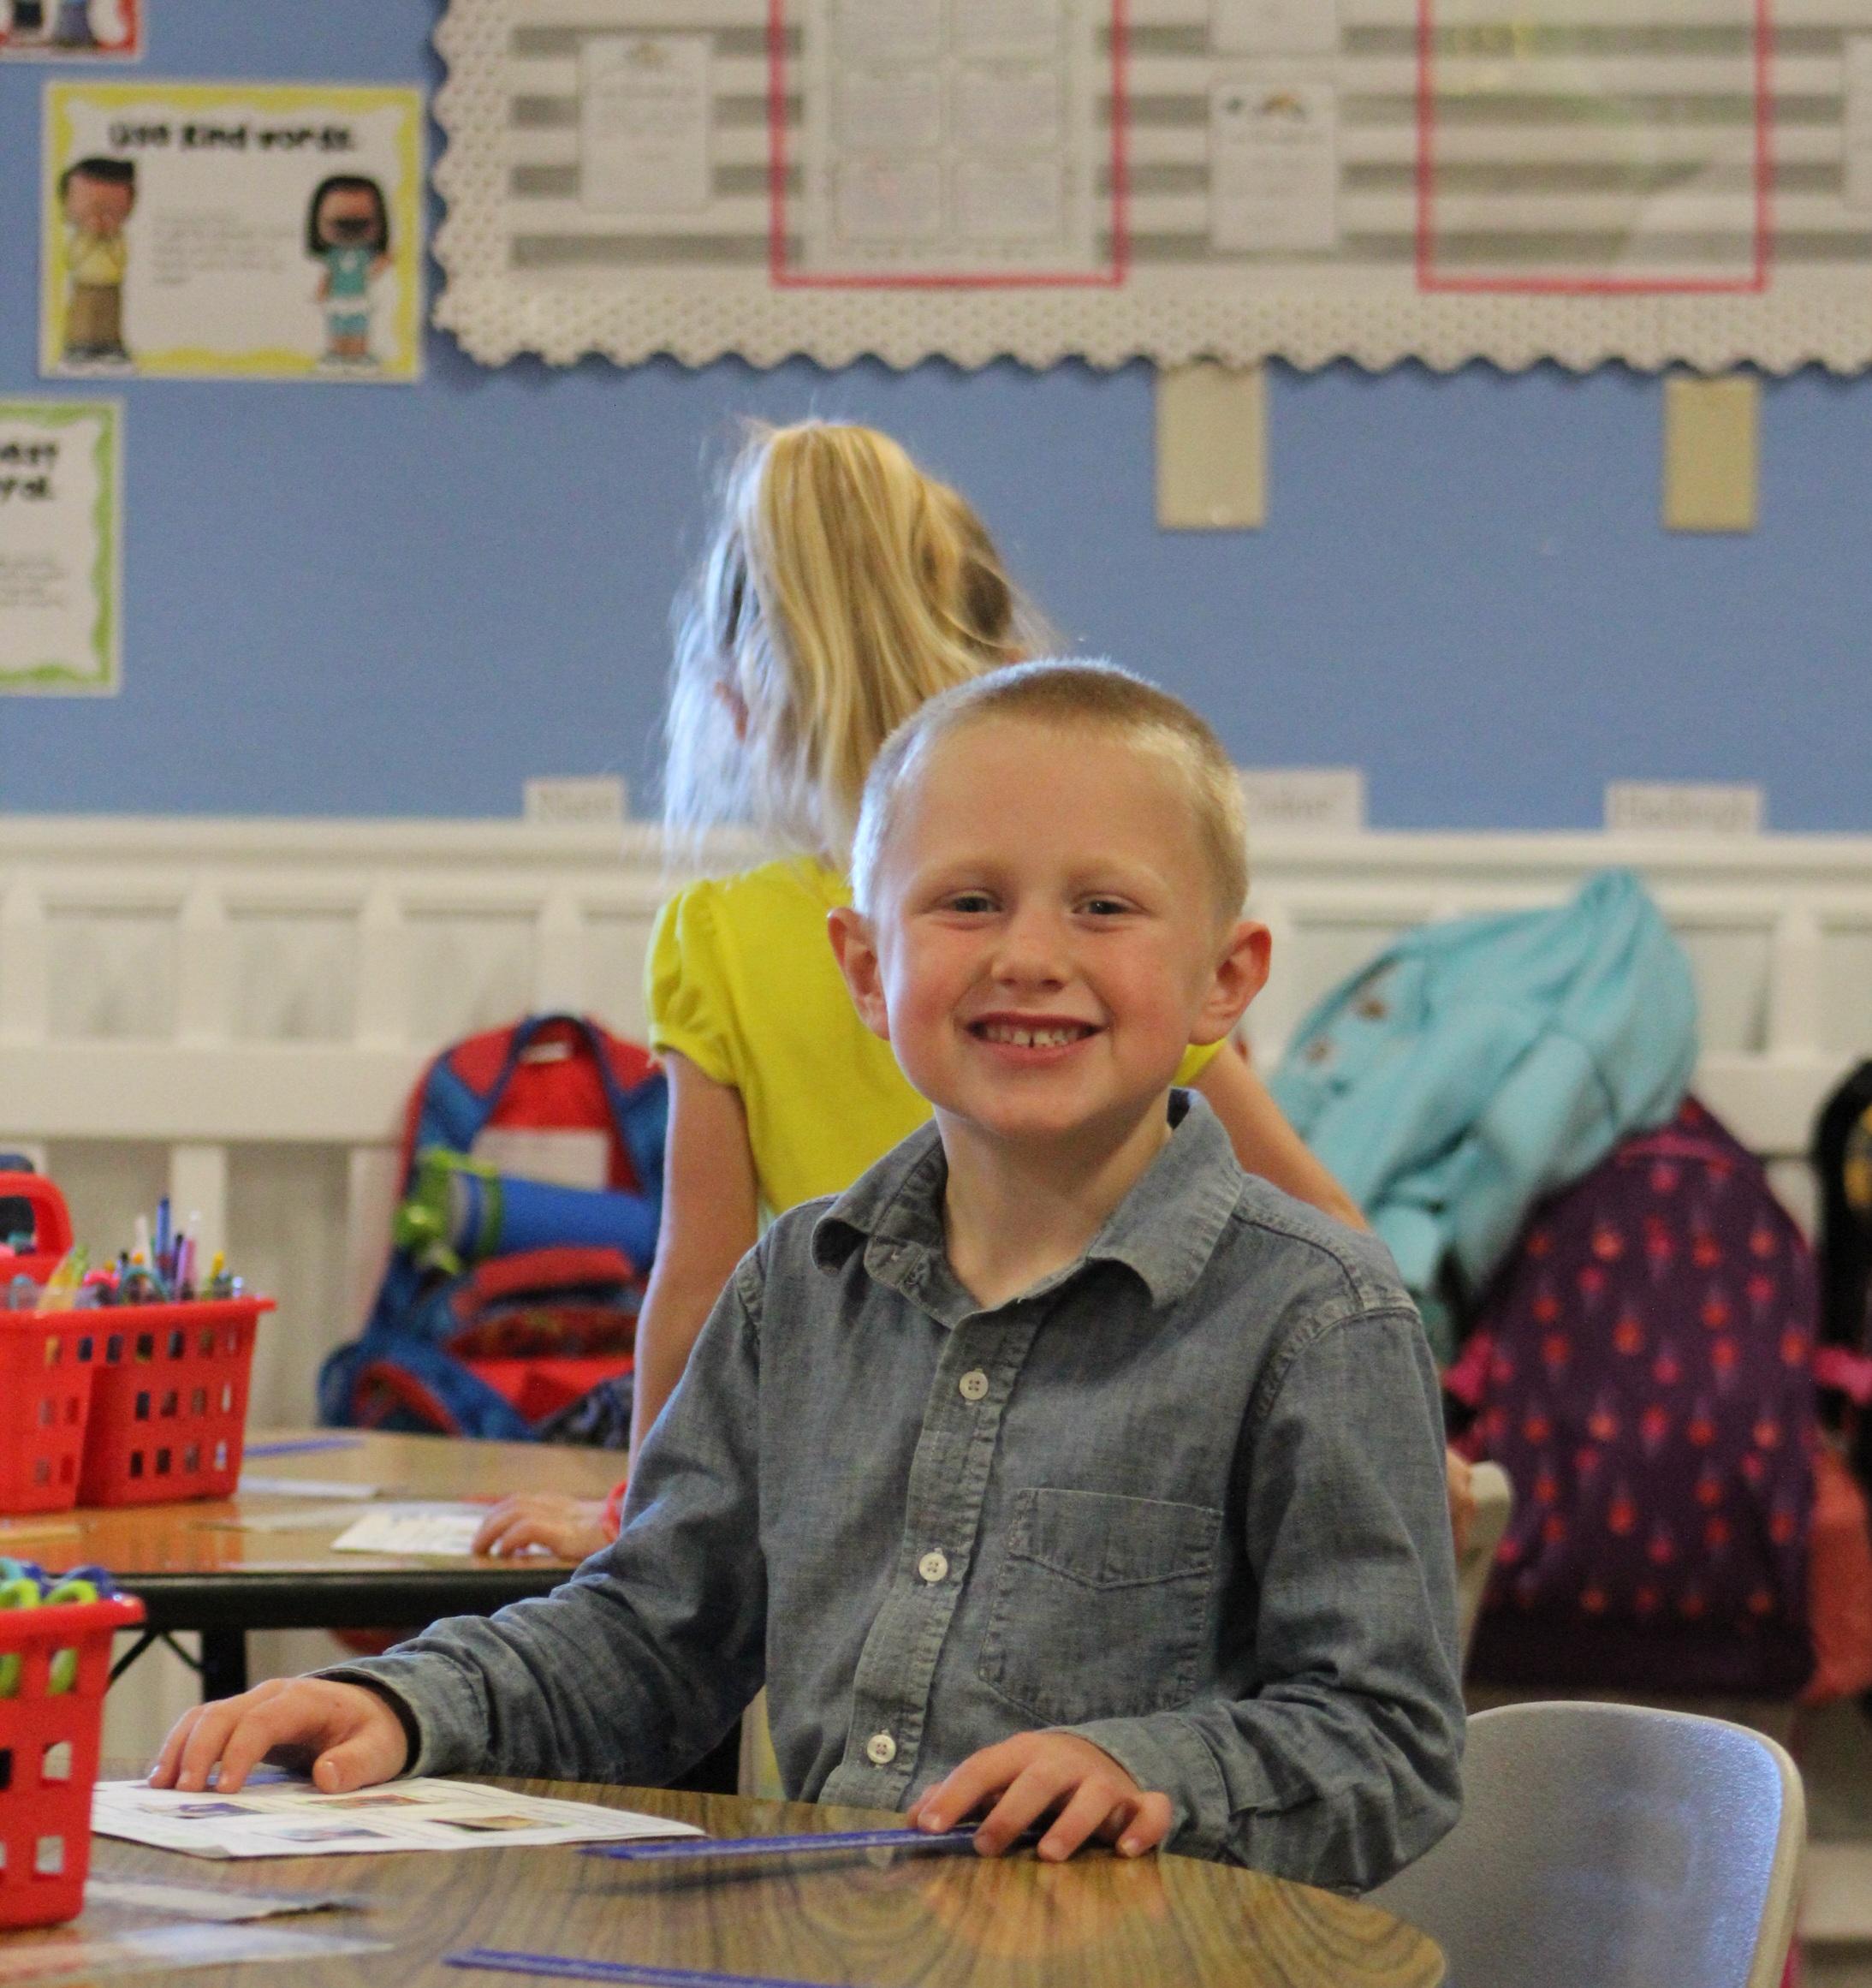 Kindergarten Student in Classroom